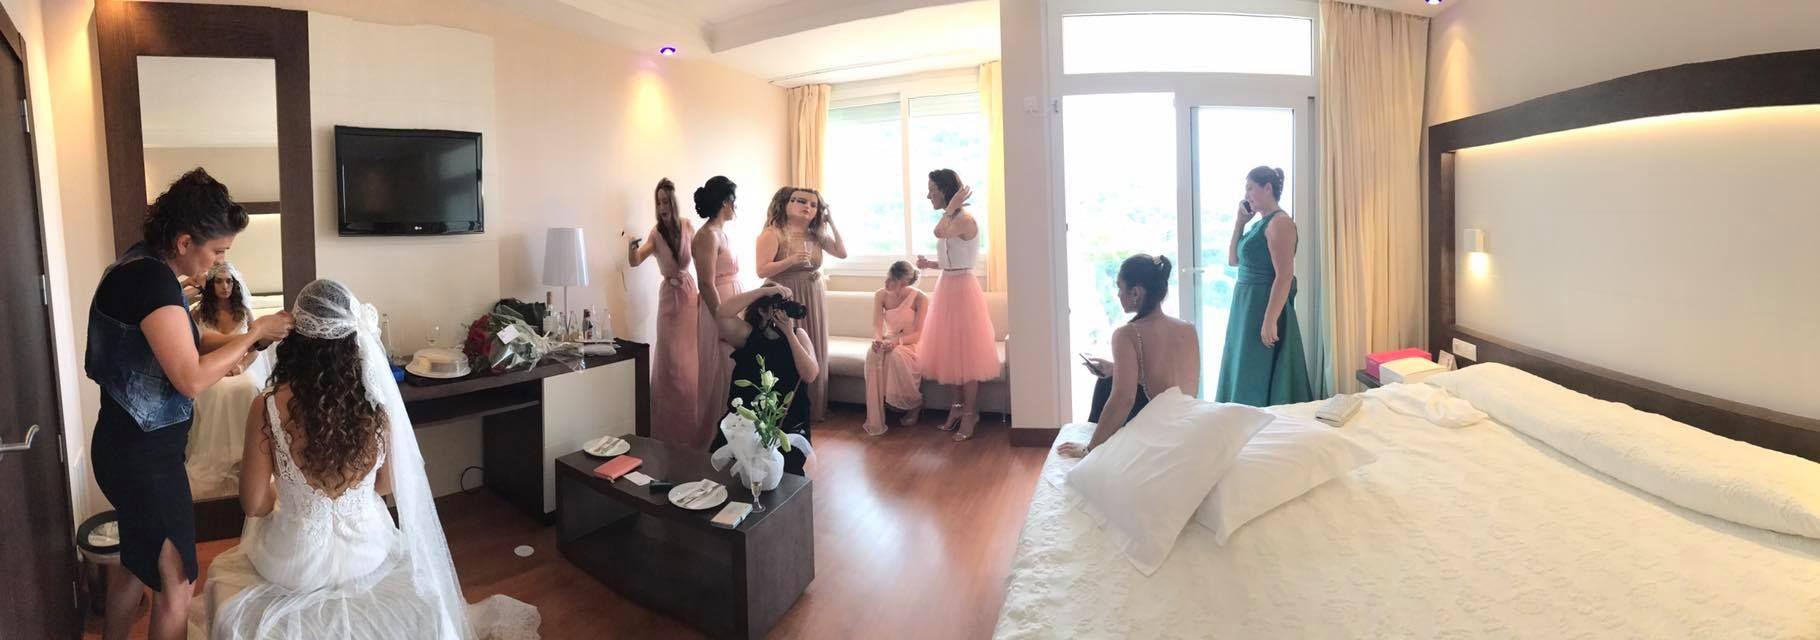 Peinado y maquillaje de novia en Palma de Mallorca